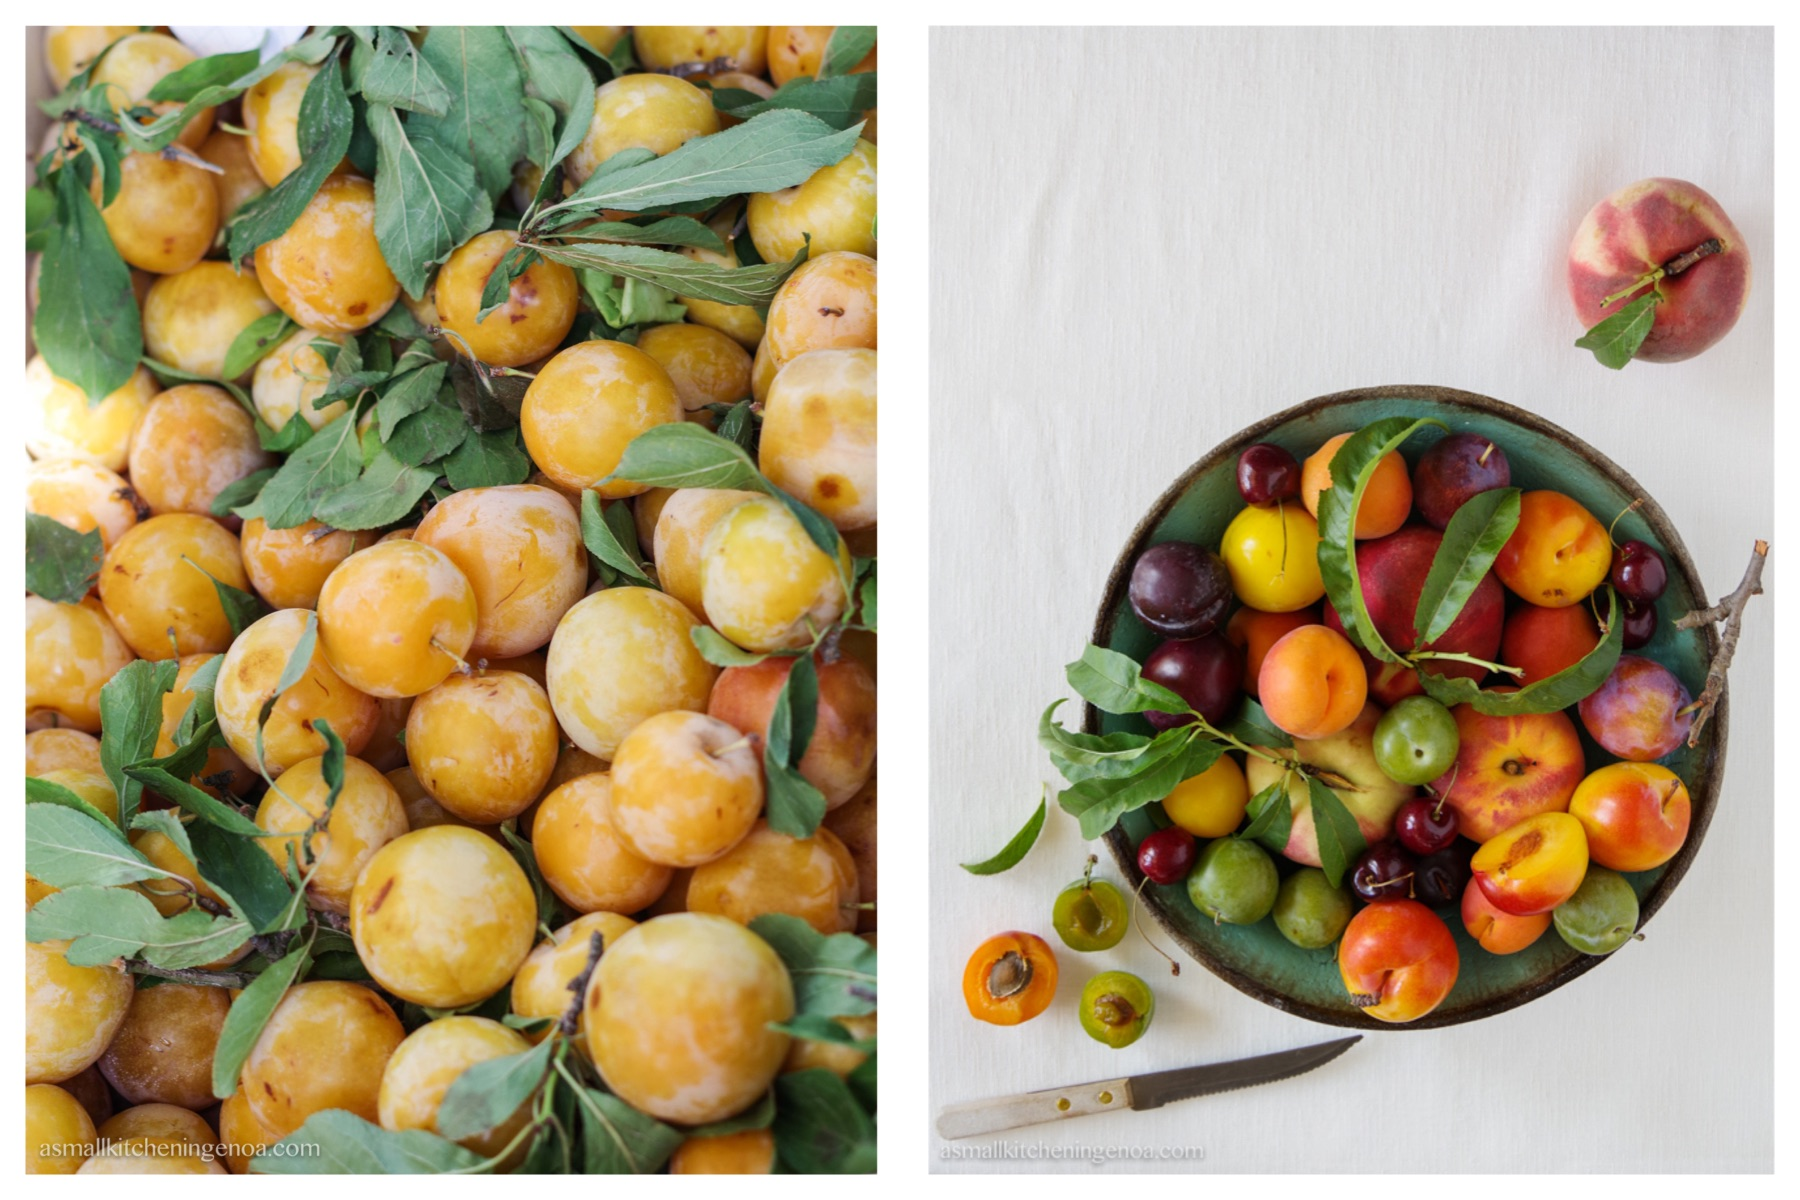 Giardiniera dolce: una torta di frutta estiva secondo la ricetta ligure